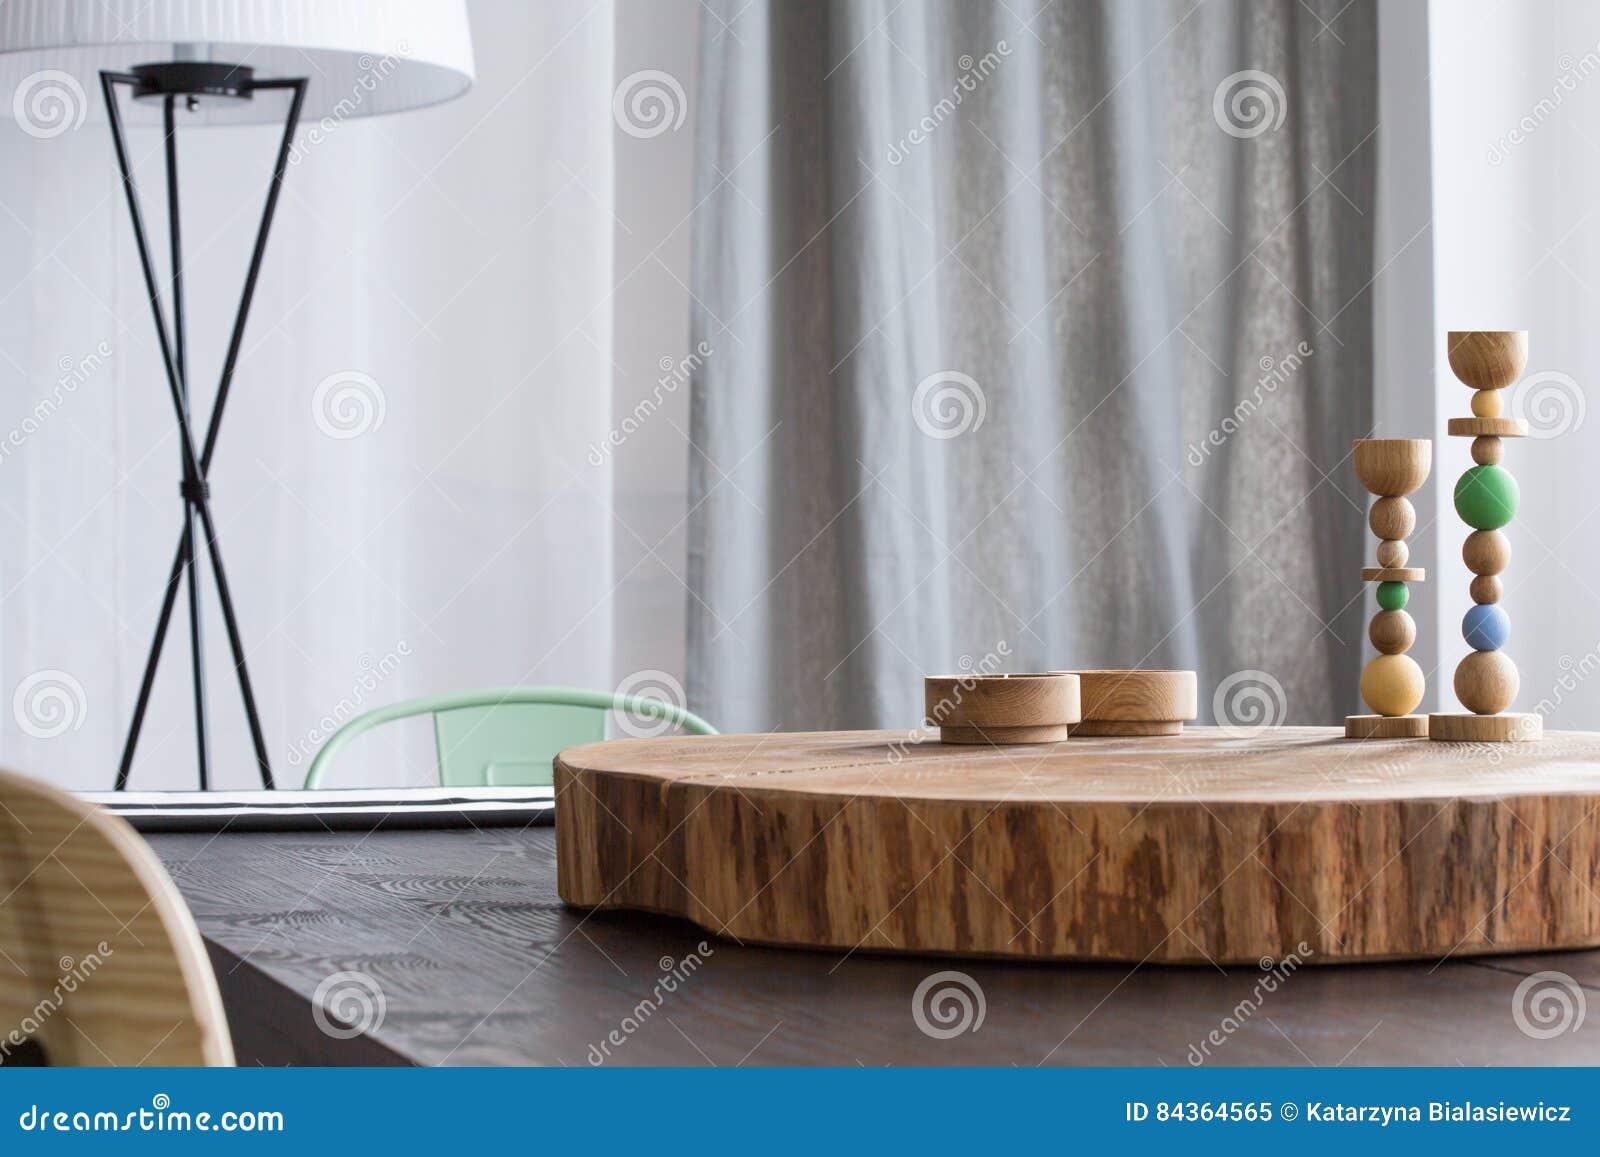 Drzewne stołowe dekoracj zabawki